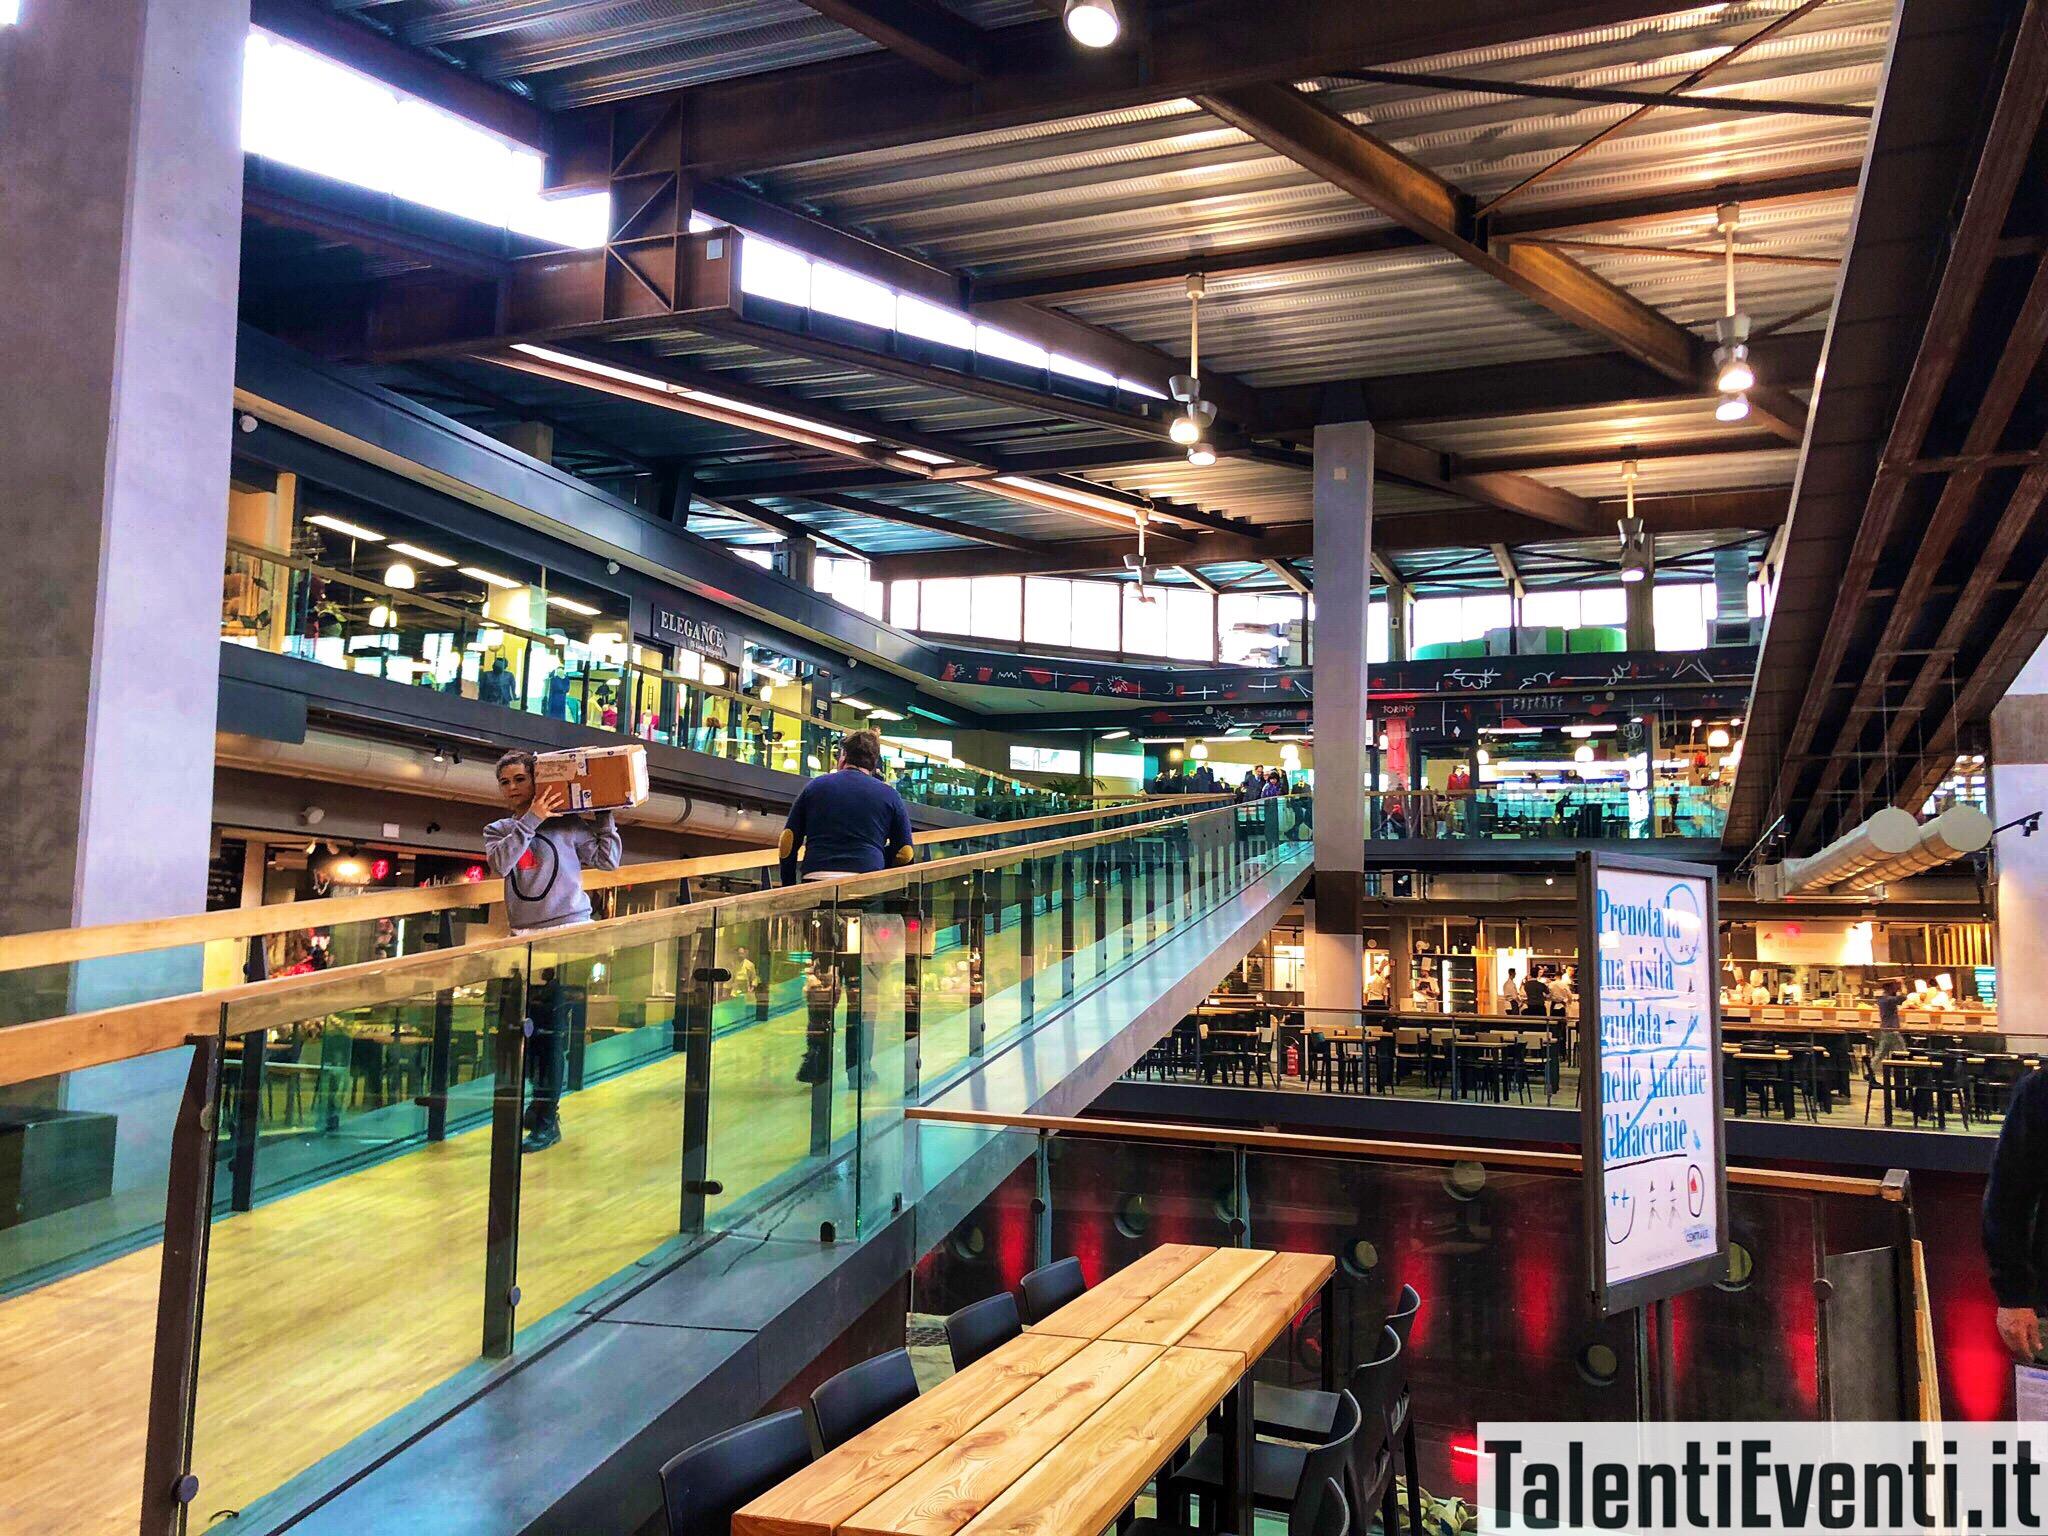 talenti_eventi_mercato_centrale_di_torino_umberto_montano_4